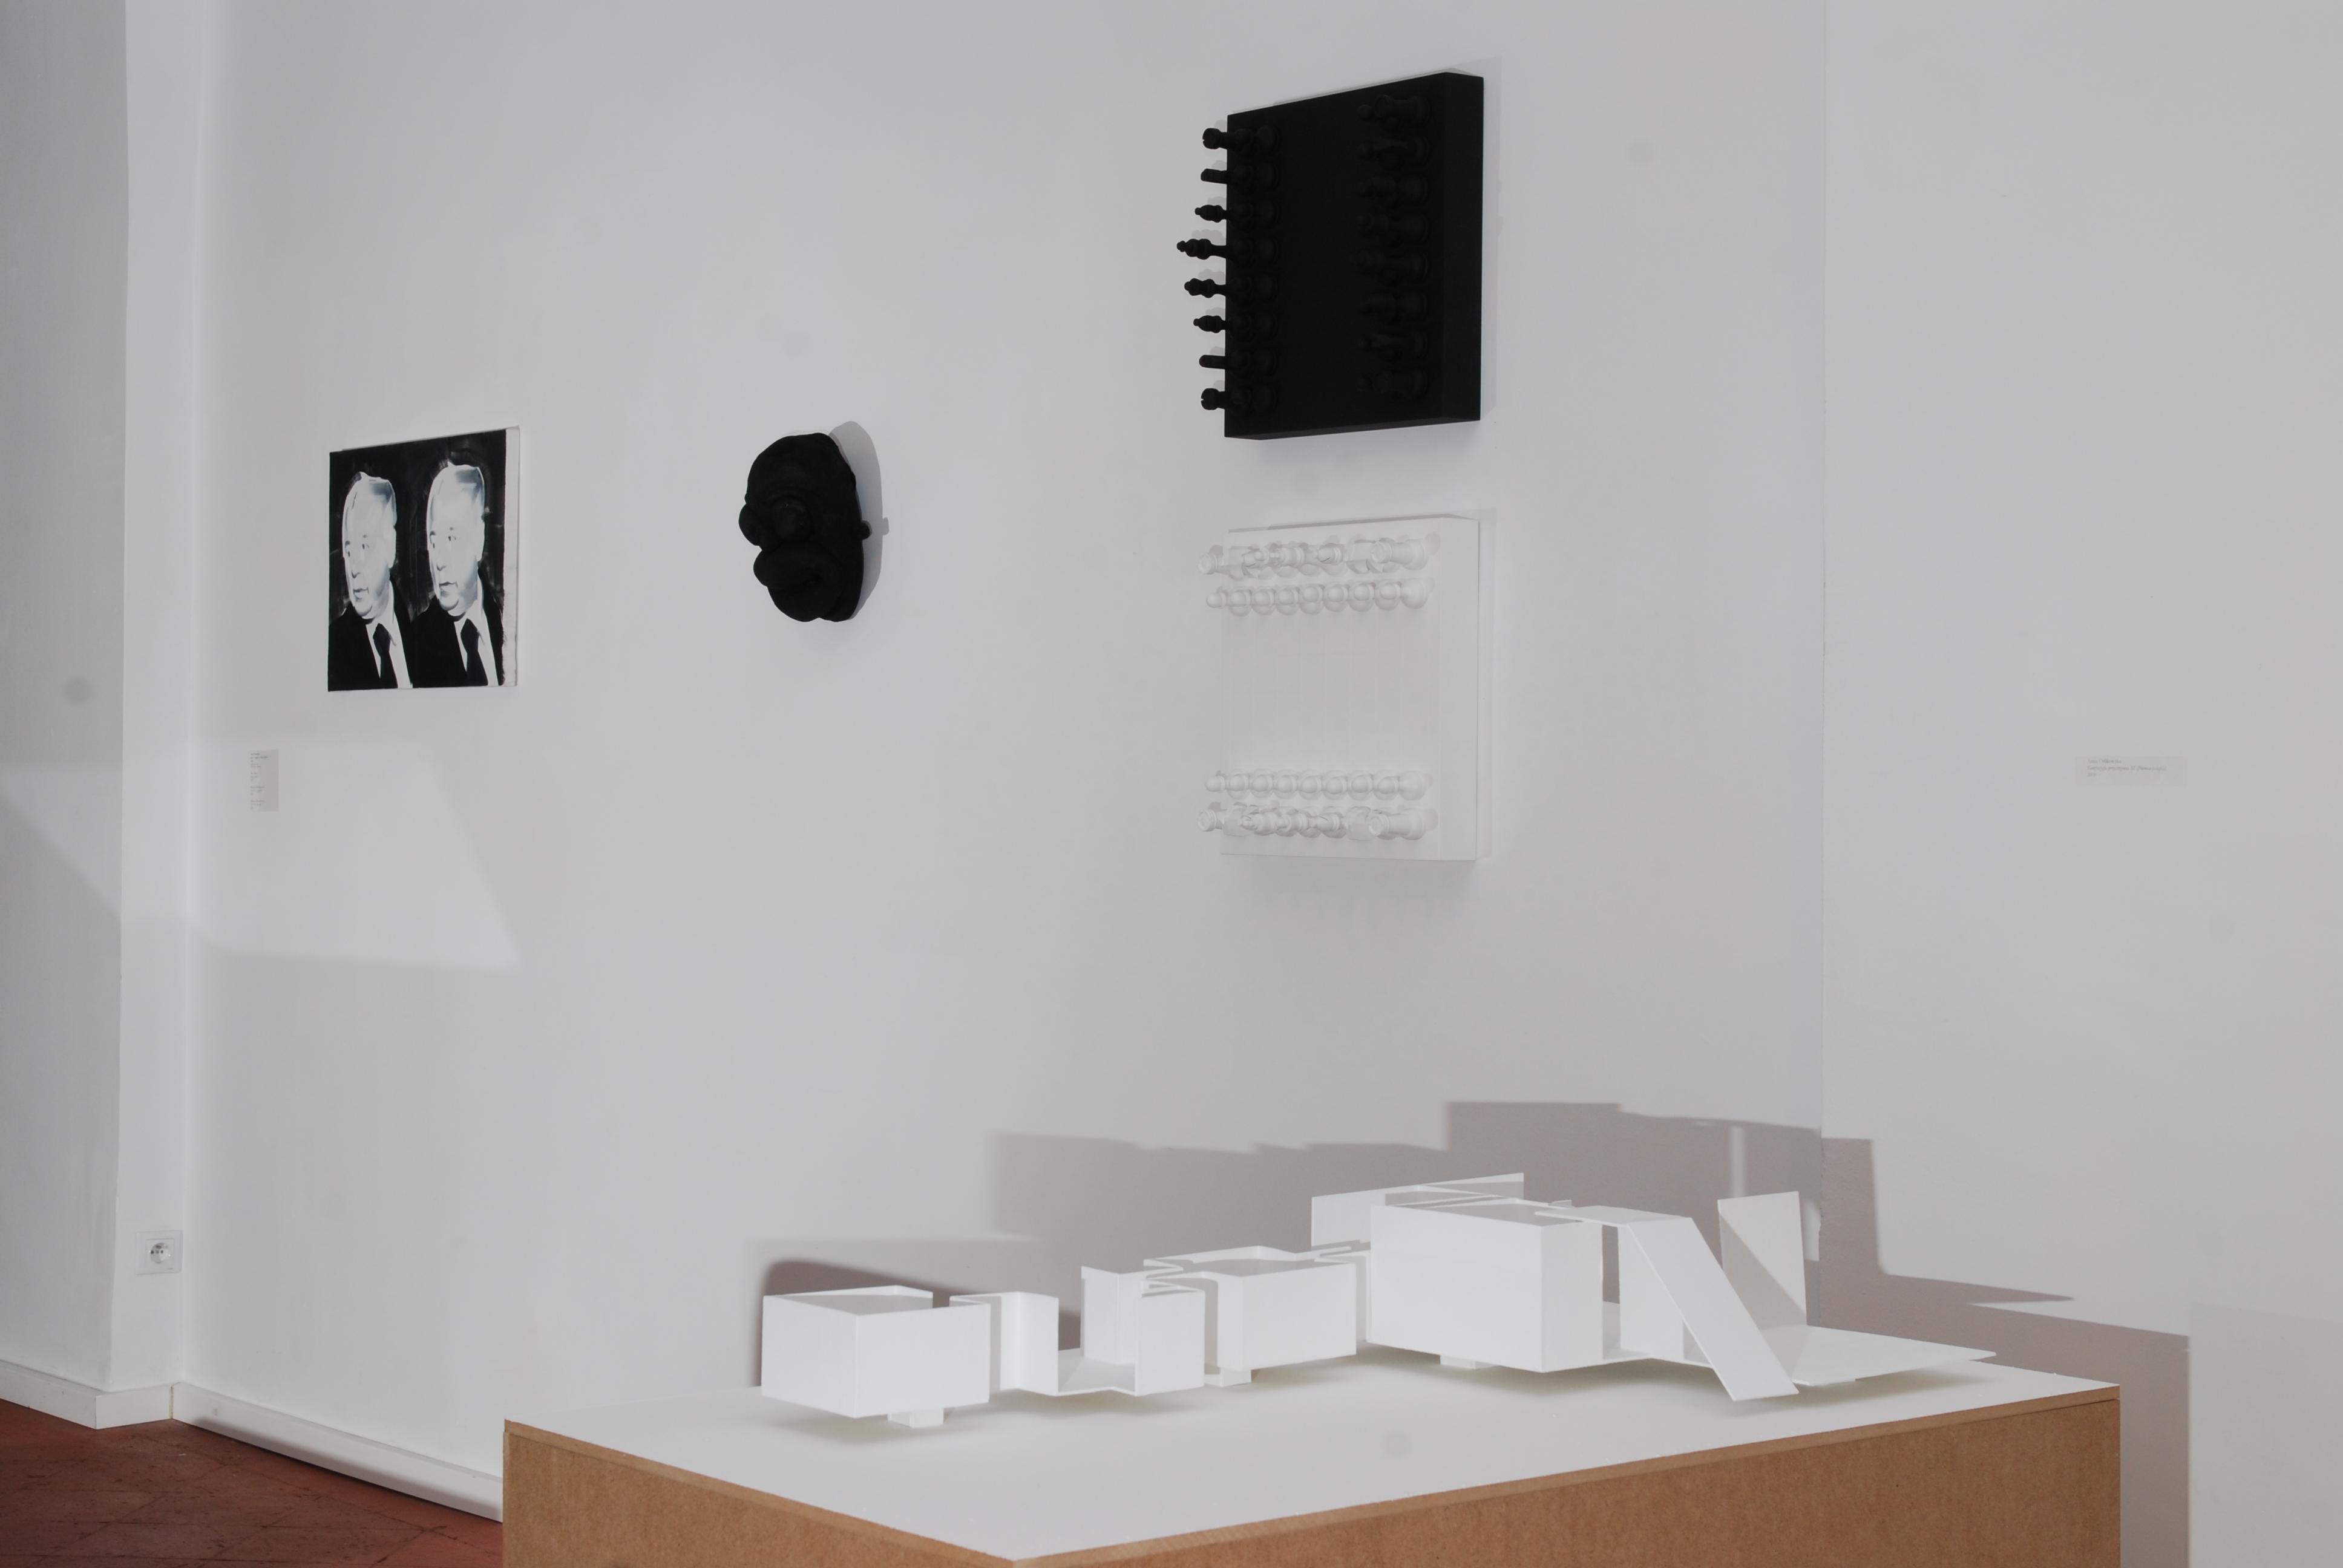 Białe jest białe, aczarne jest czarne, widok wystawy